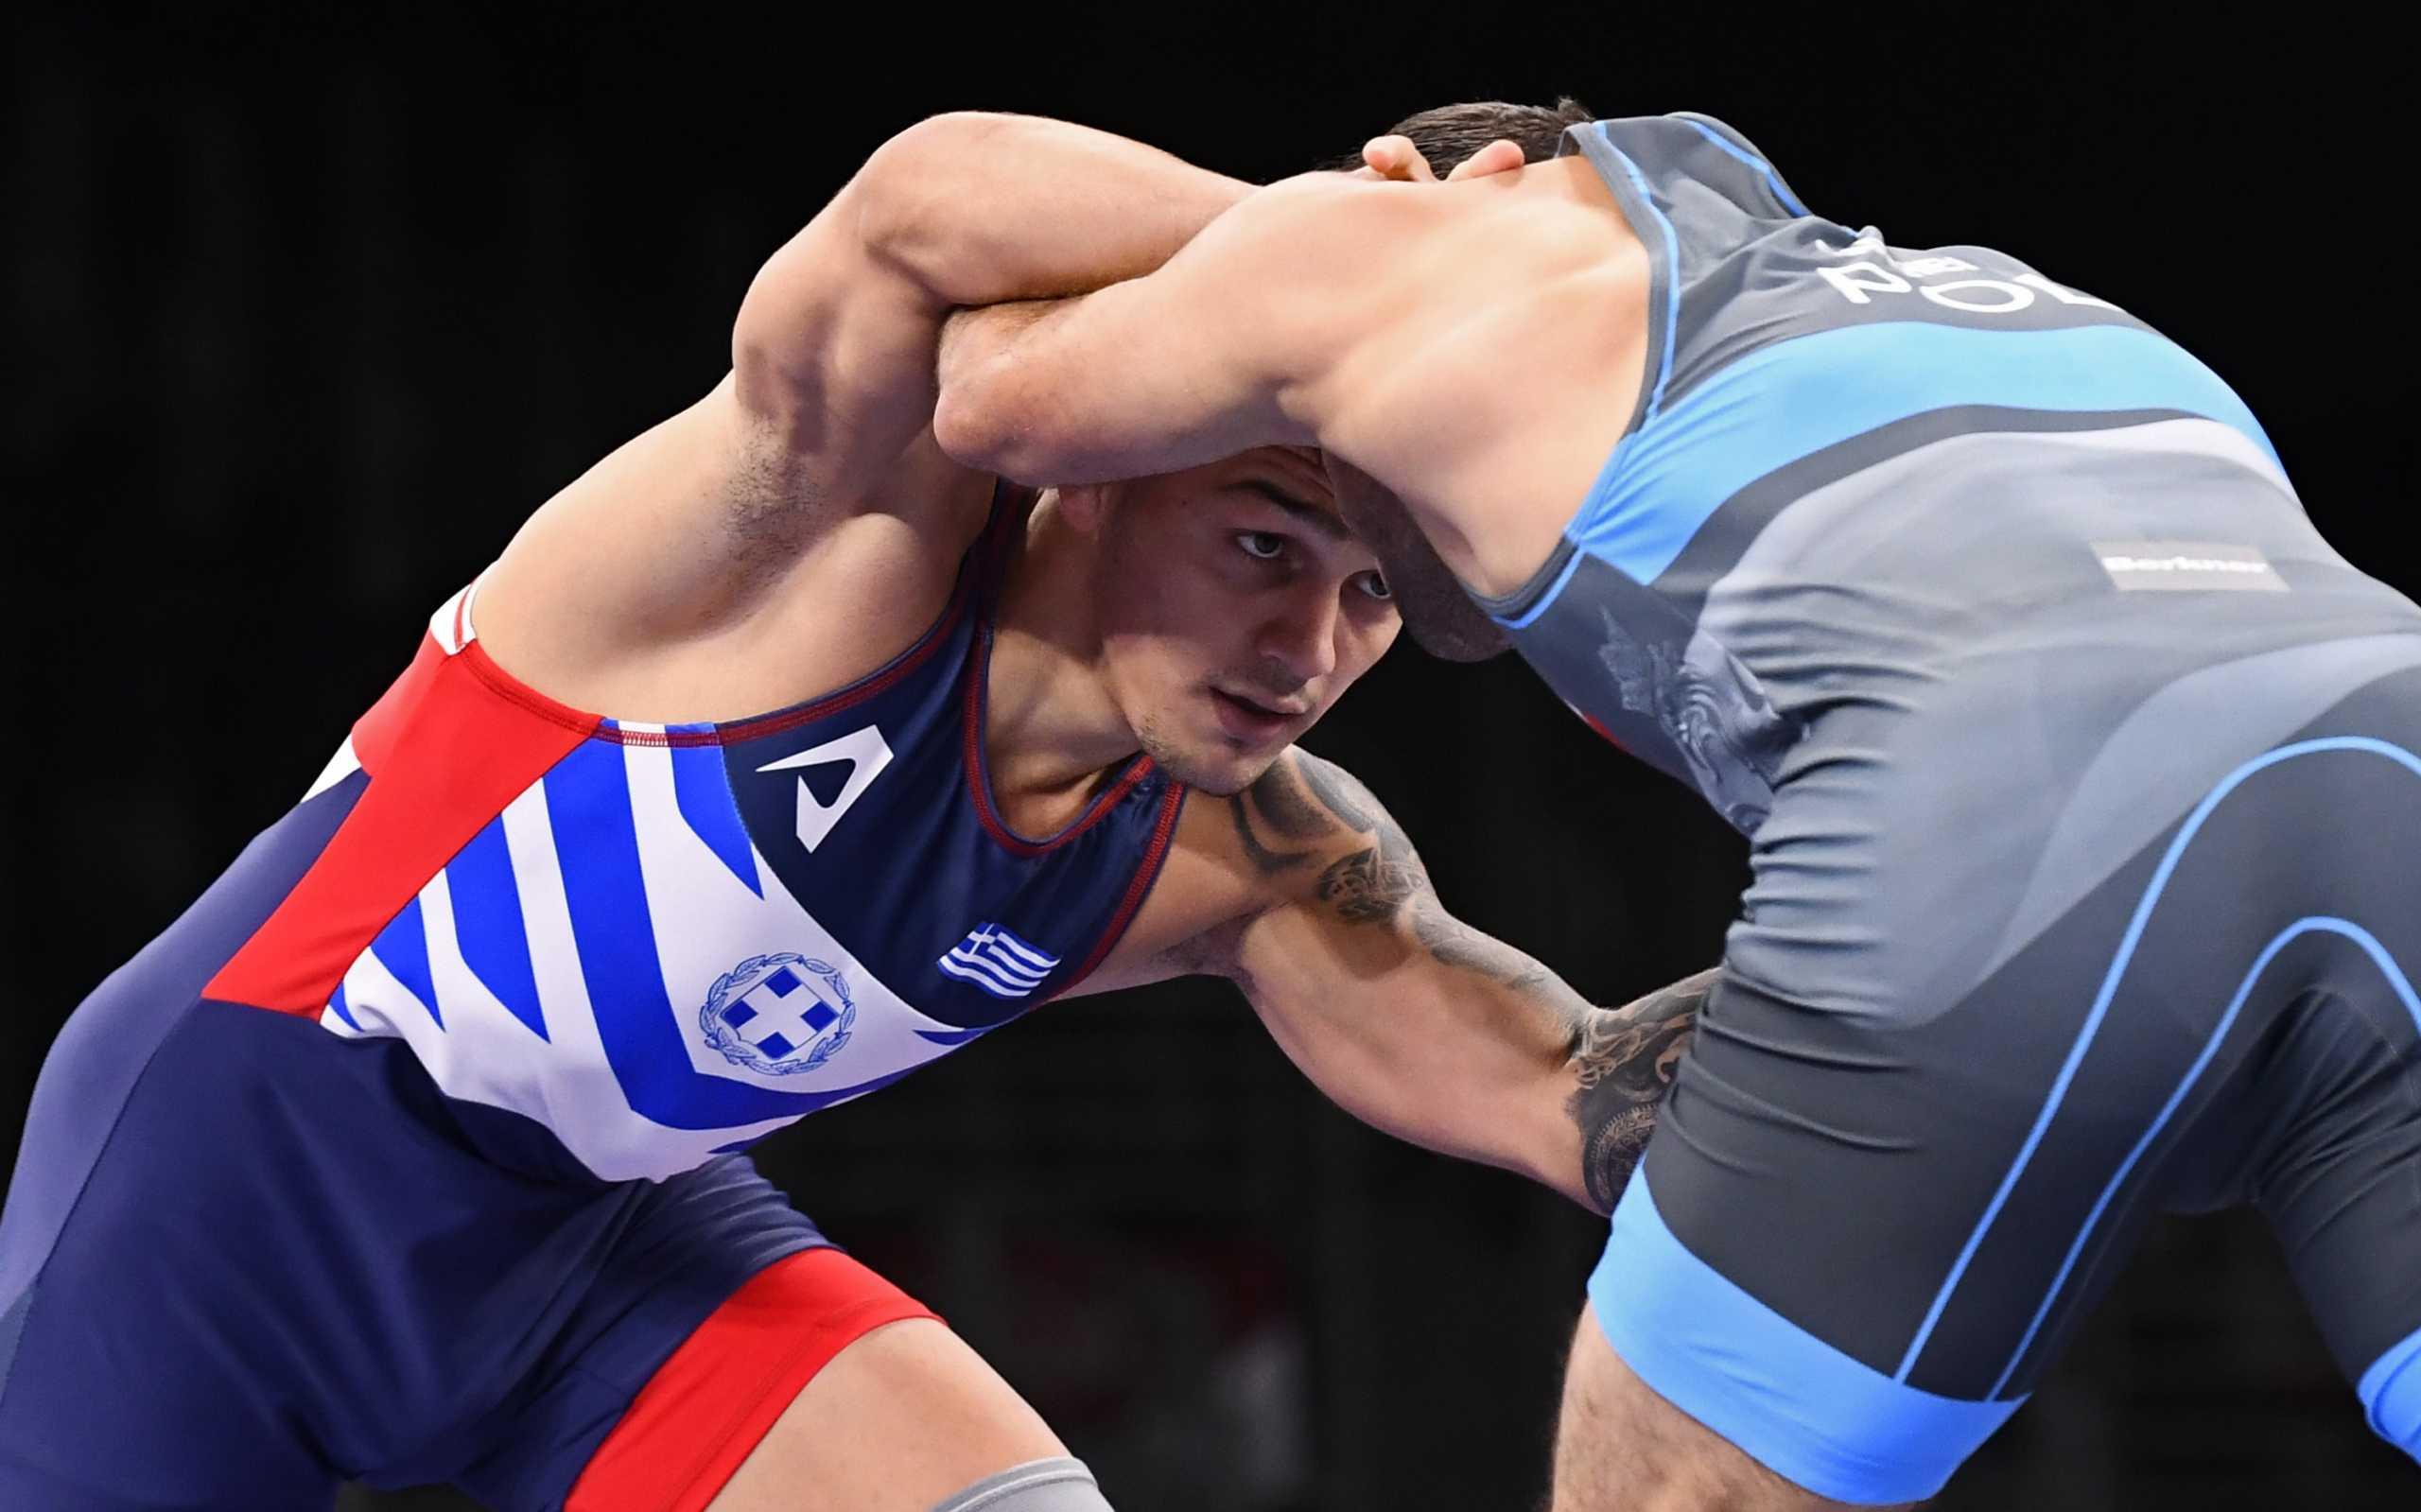 Ολυμπιακοί Αγώνες: Ήττα κι αποκλεισμός για τον Γιώργο Πιλίδη στη κατηγορία 65 κιλών της πάλης